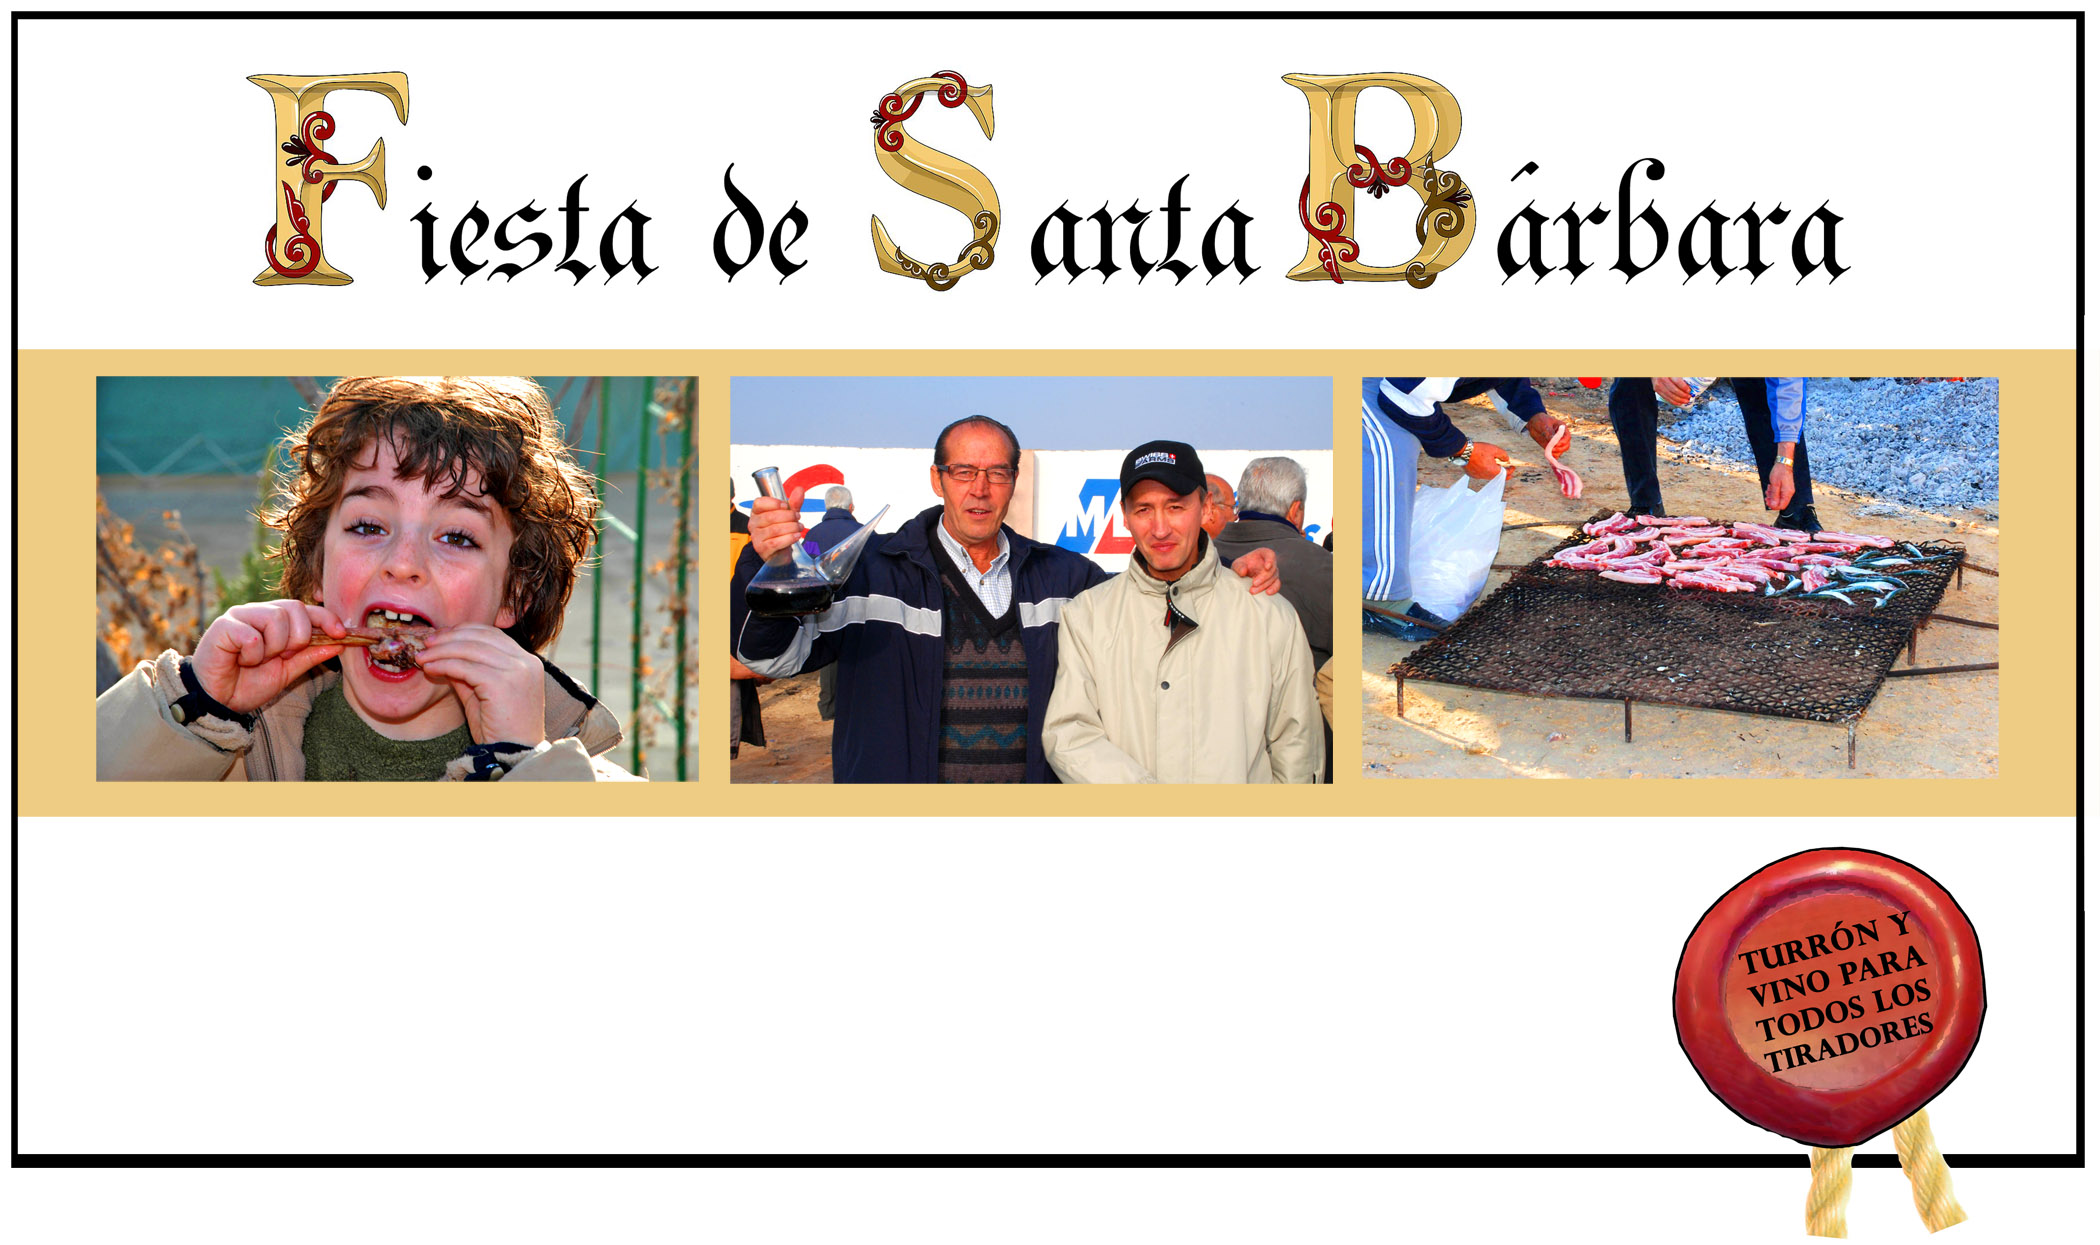 VEN A LA FIESTA DE SANTA BARBARA